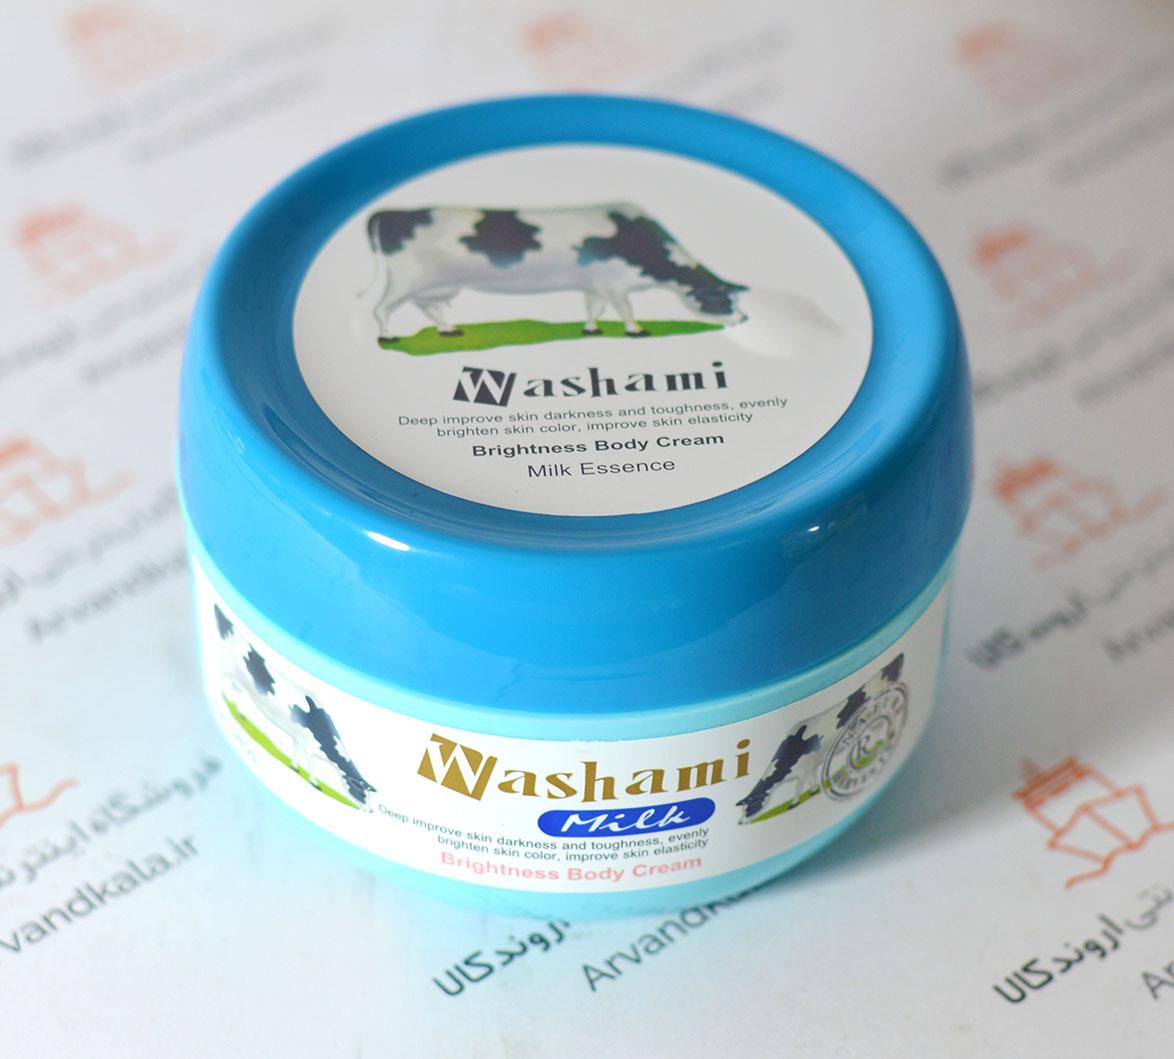 کرم مرطوب کننده واشامی washami مدل شیر